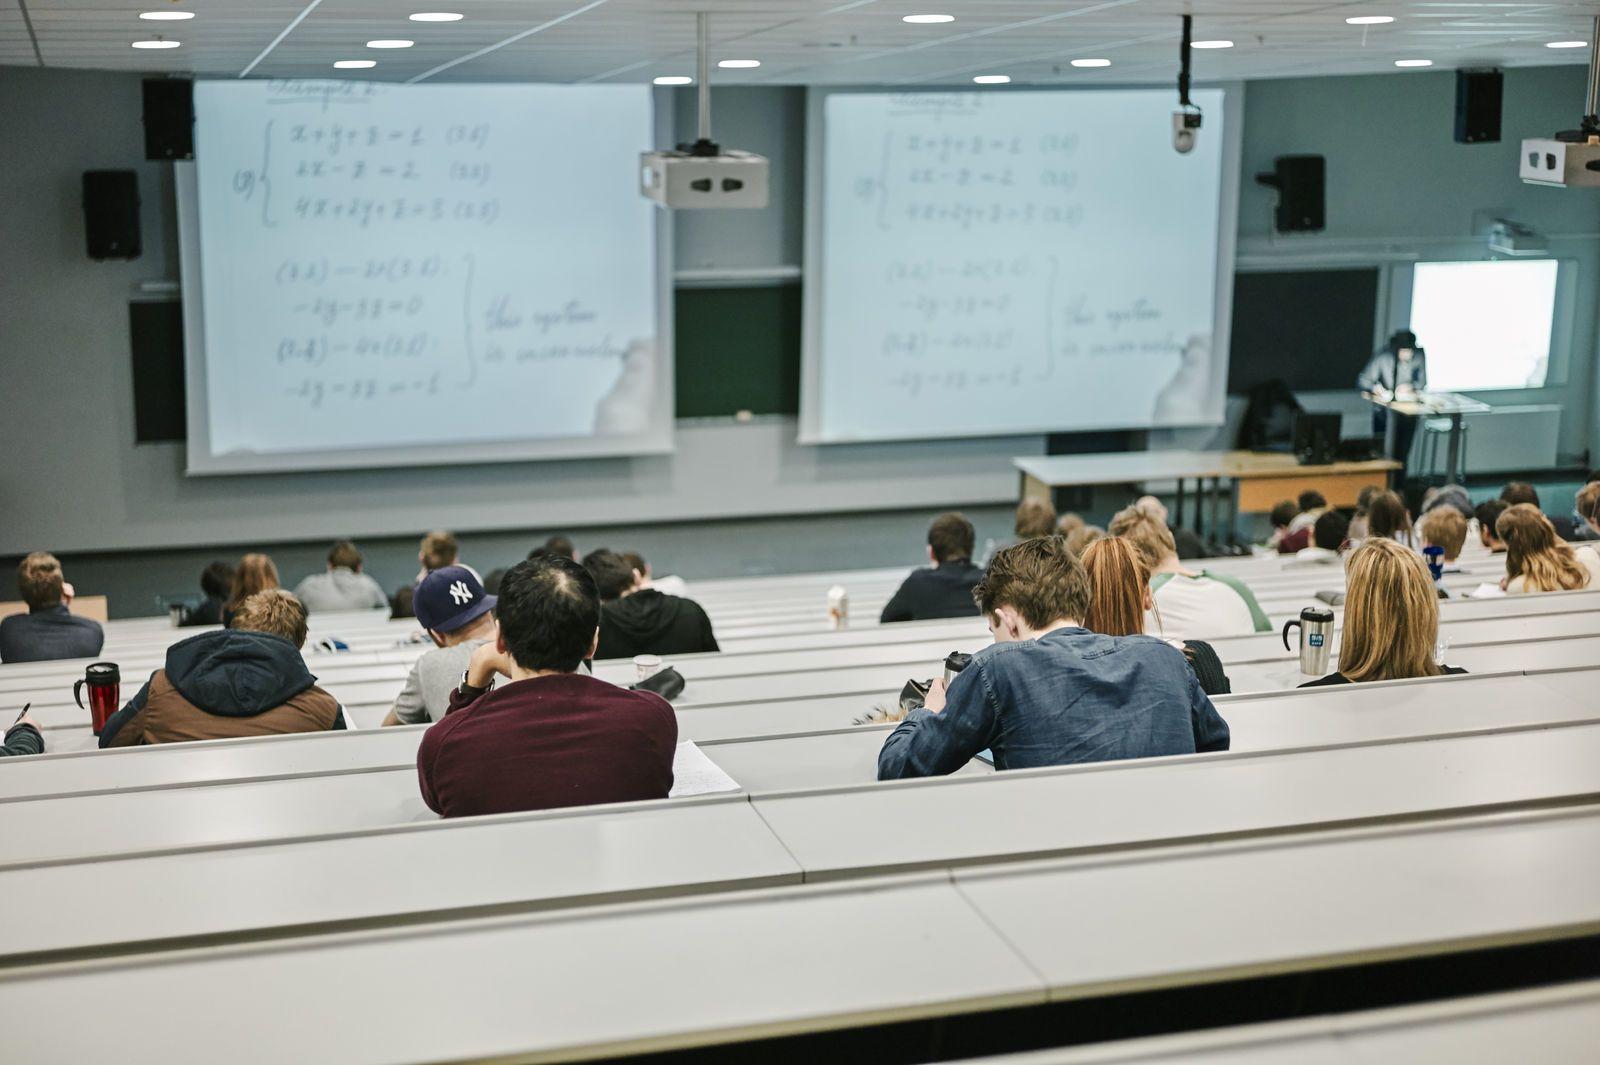 Oversiktsbilde av en forelesning. Foto: Øivind Haug